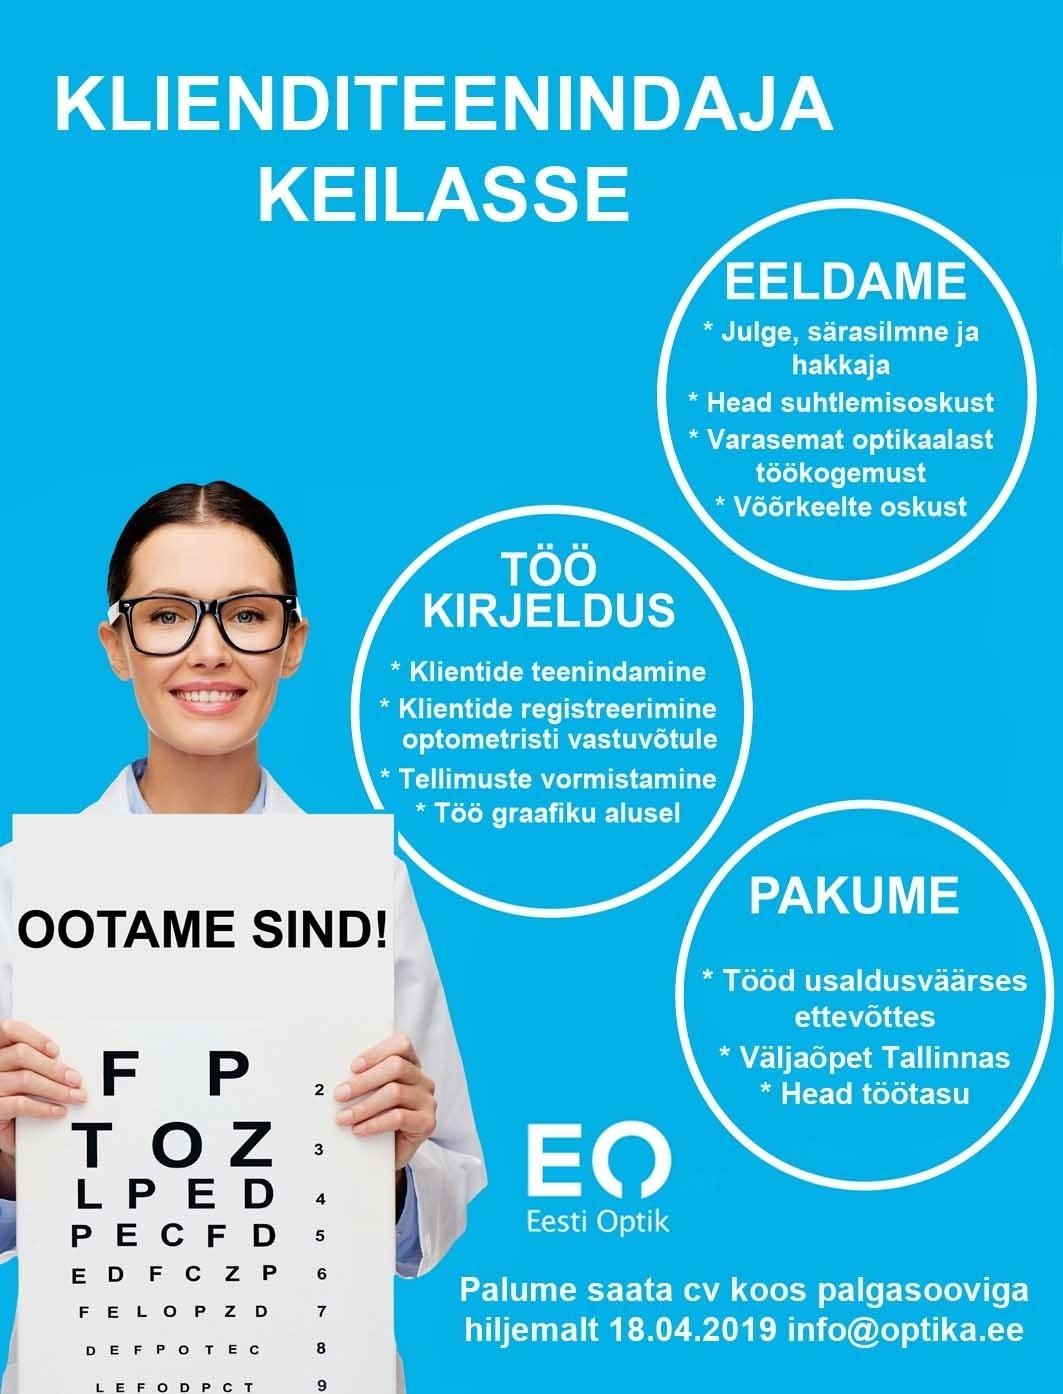 2a26b5b4cf3 CV Keskus tööpakkumine Eesti Optik OÜ Klienditeenindaja KEILA optika ...